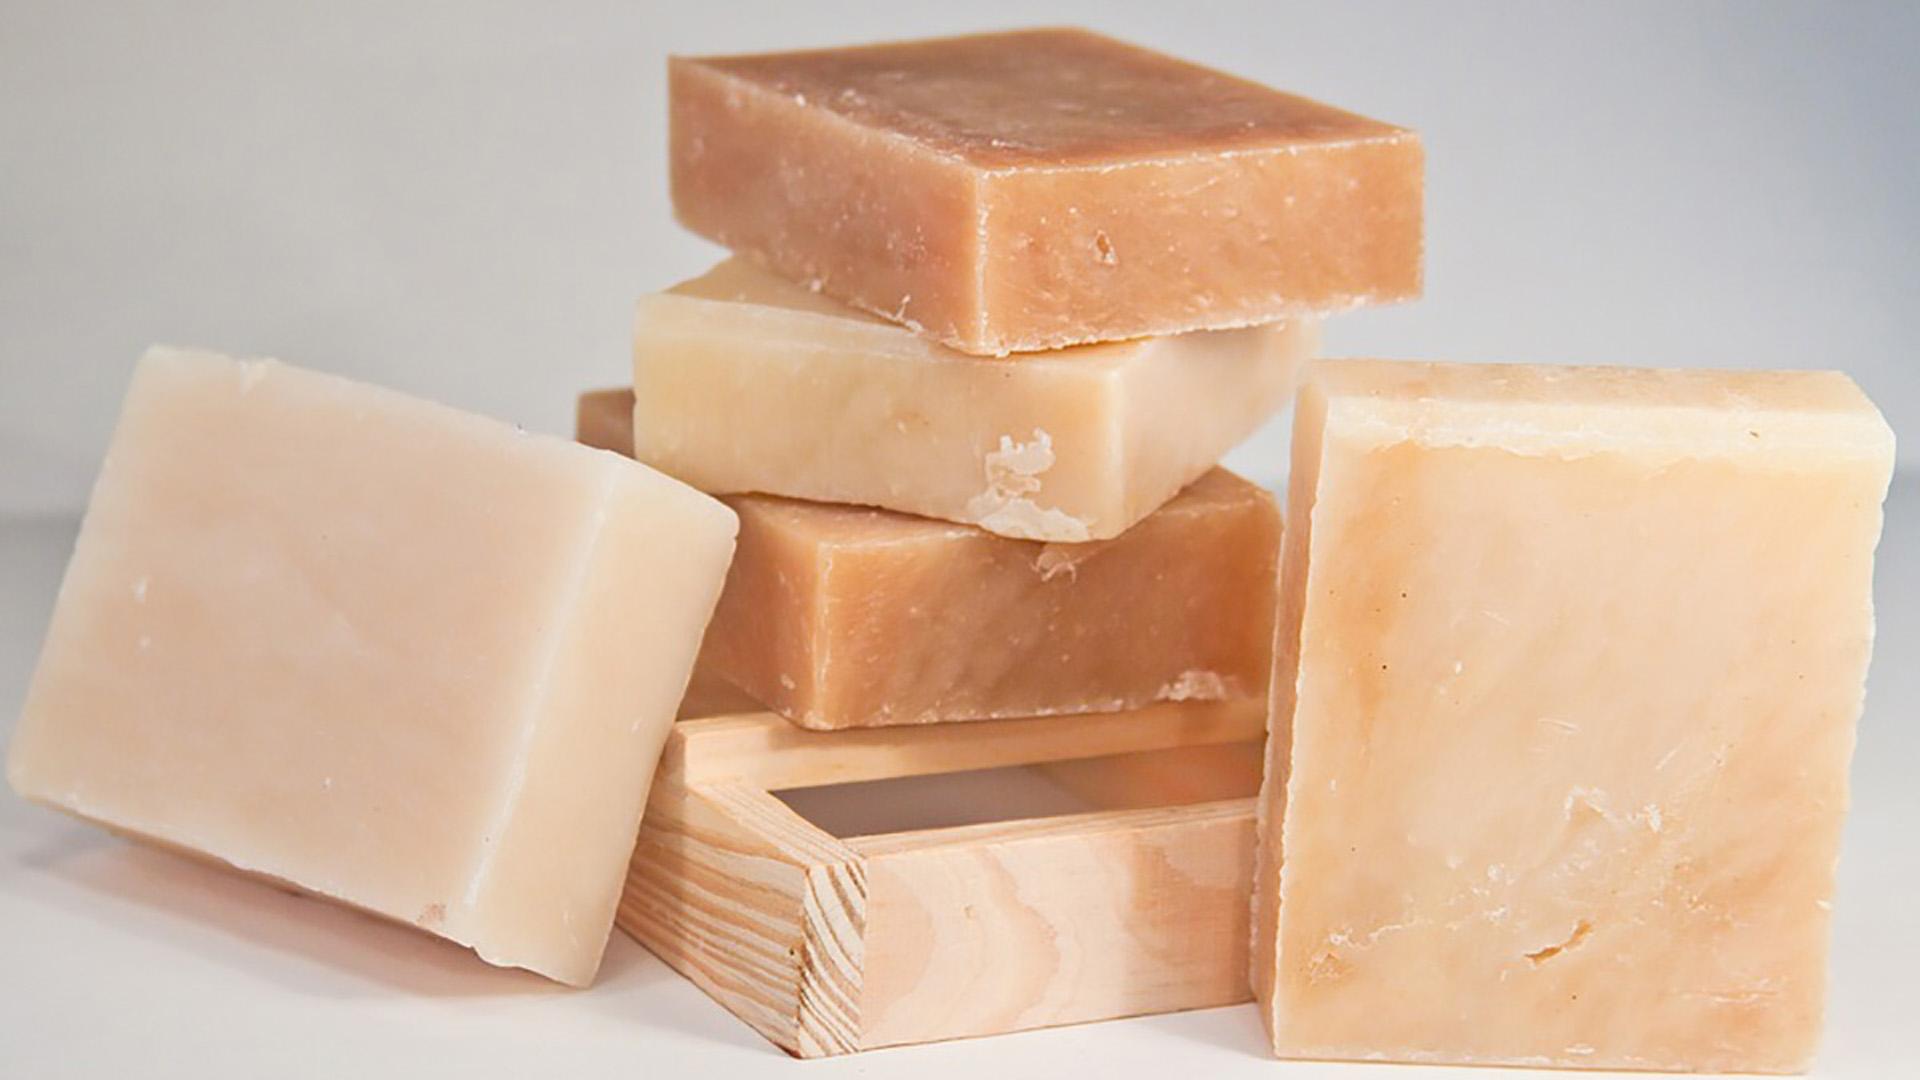 Industrias Diana producirá 7 millones de jabones de higiene personal al mes